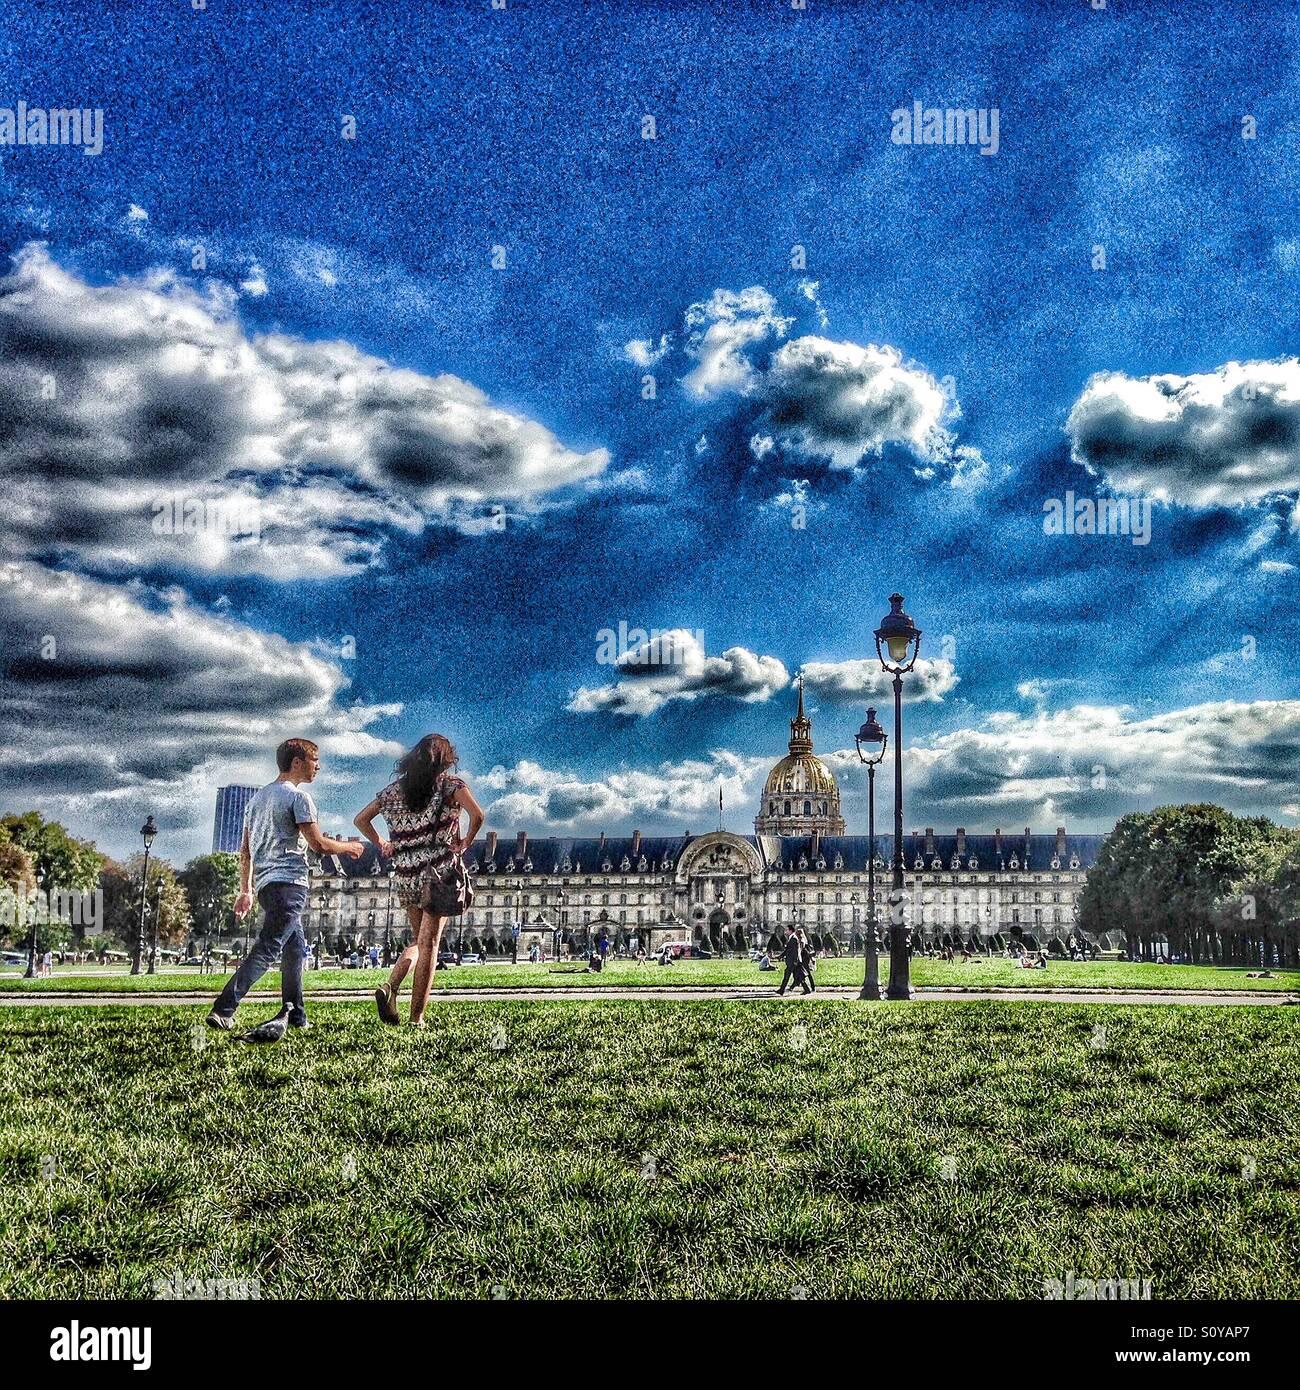 Jeune couple en train de marcher en face de l'Hôtel des Invalides à Paris, France Banque D'Images